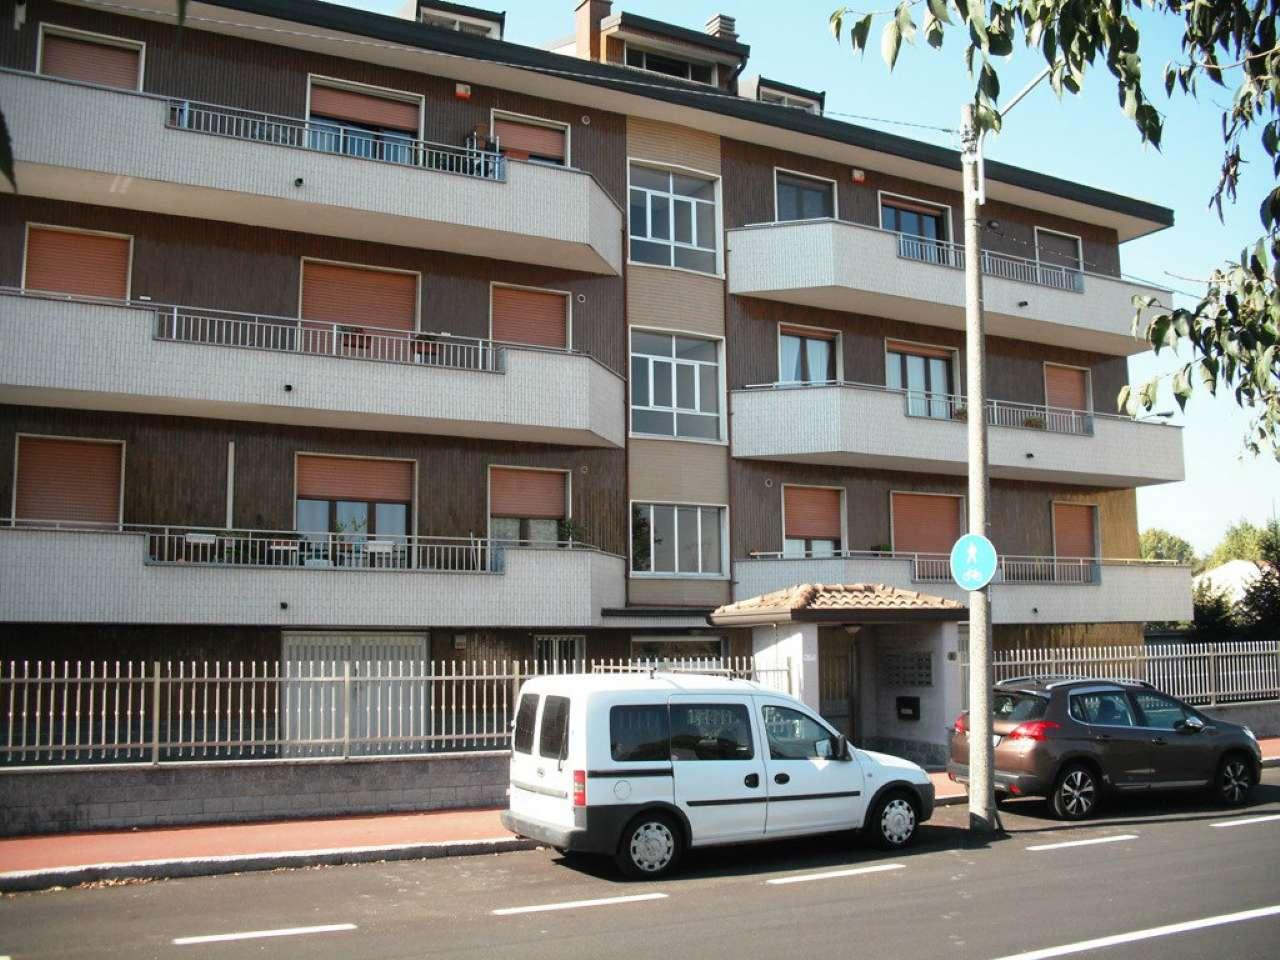 Appartamento in affitto a Cornaredo, 3 locali, prezzo € 790 | PortaleAgenzieImmobiliari.it